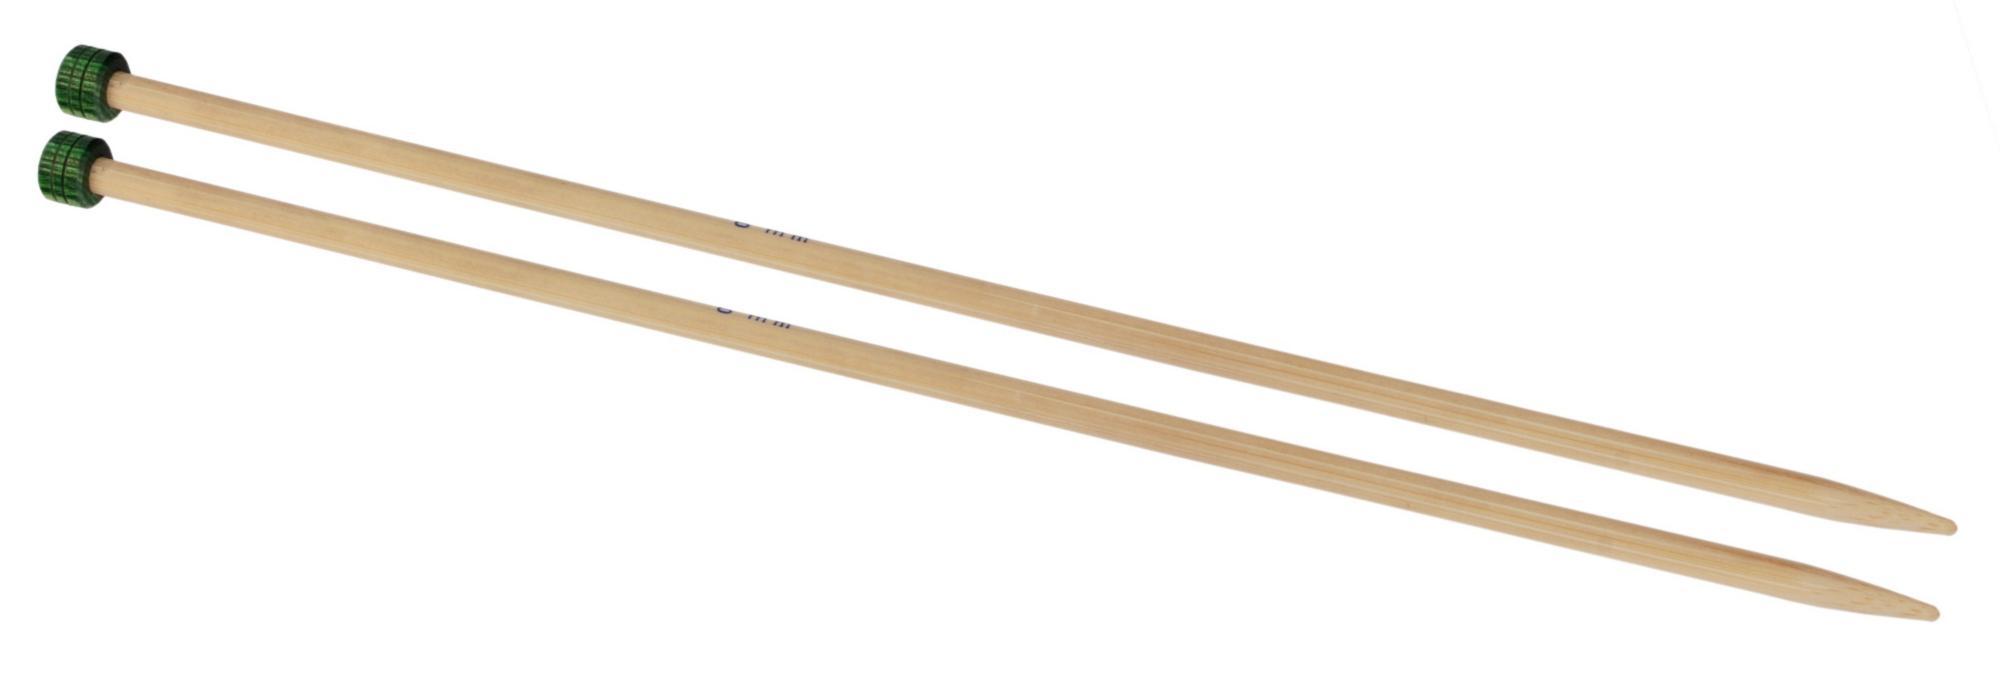 Спицы прямые 30 см Bamboo KnitPro, 22336, 10.00 мм